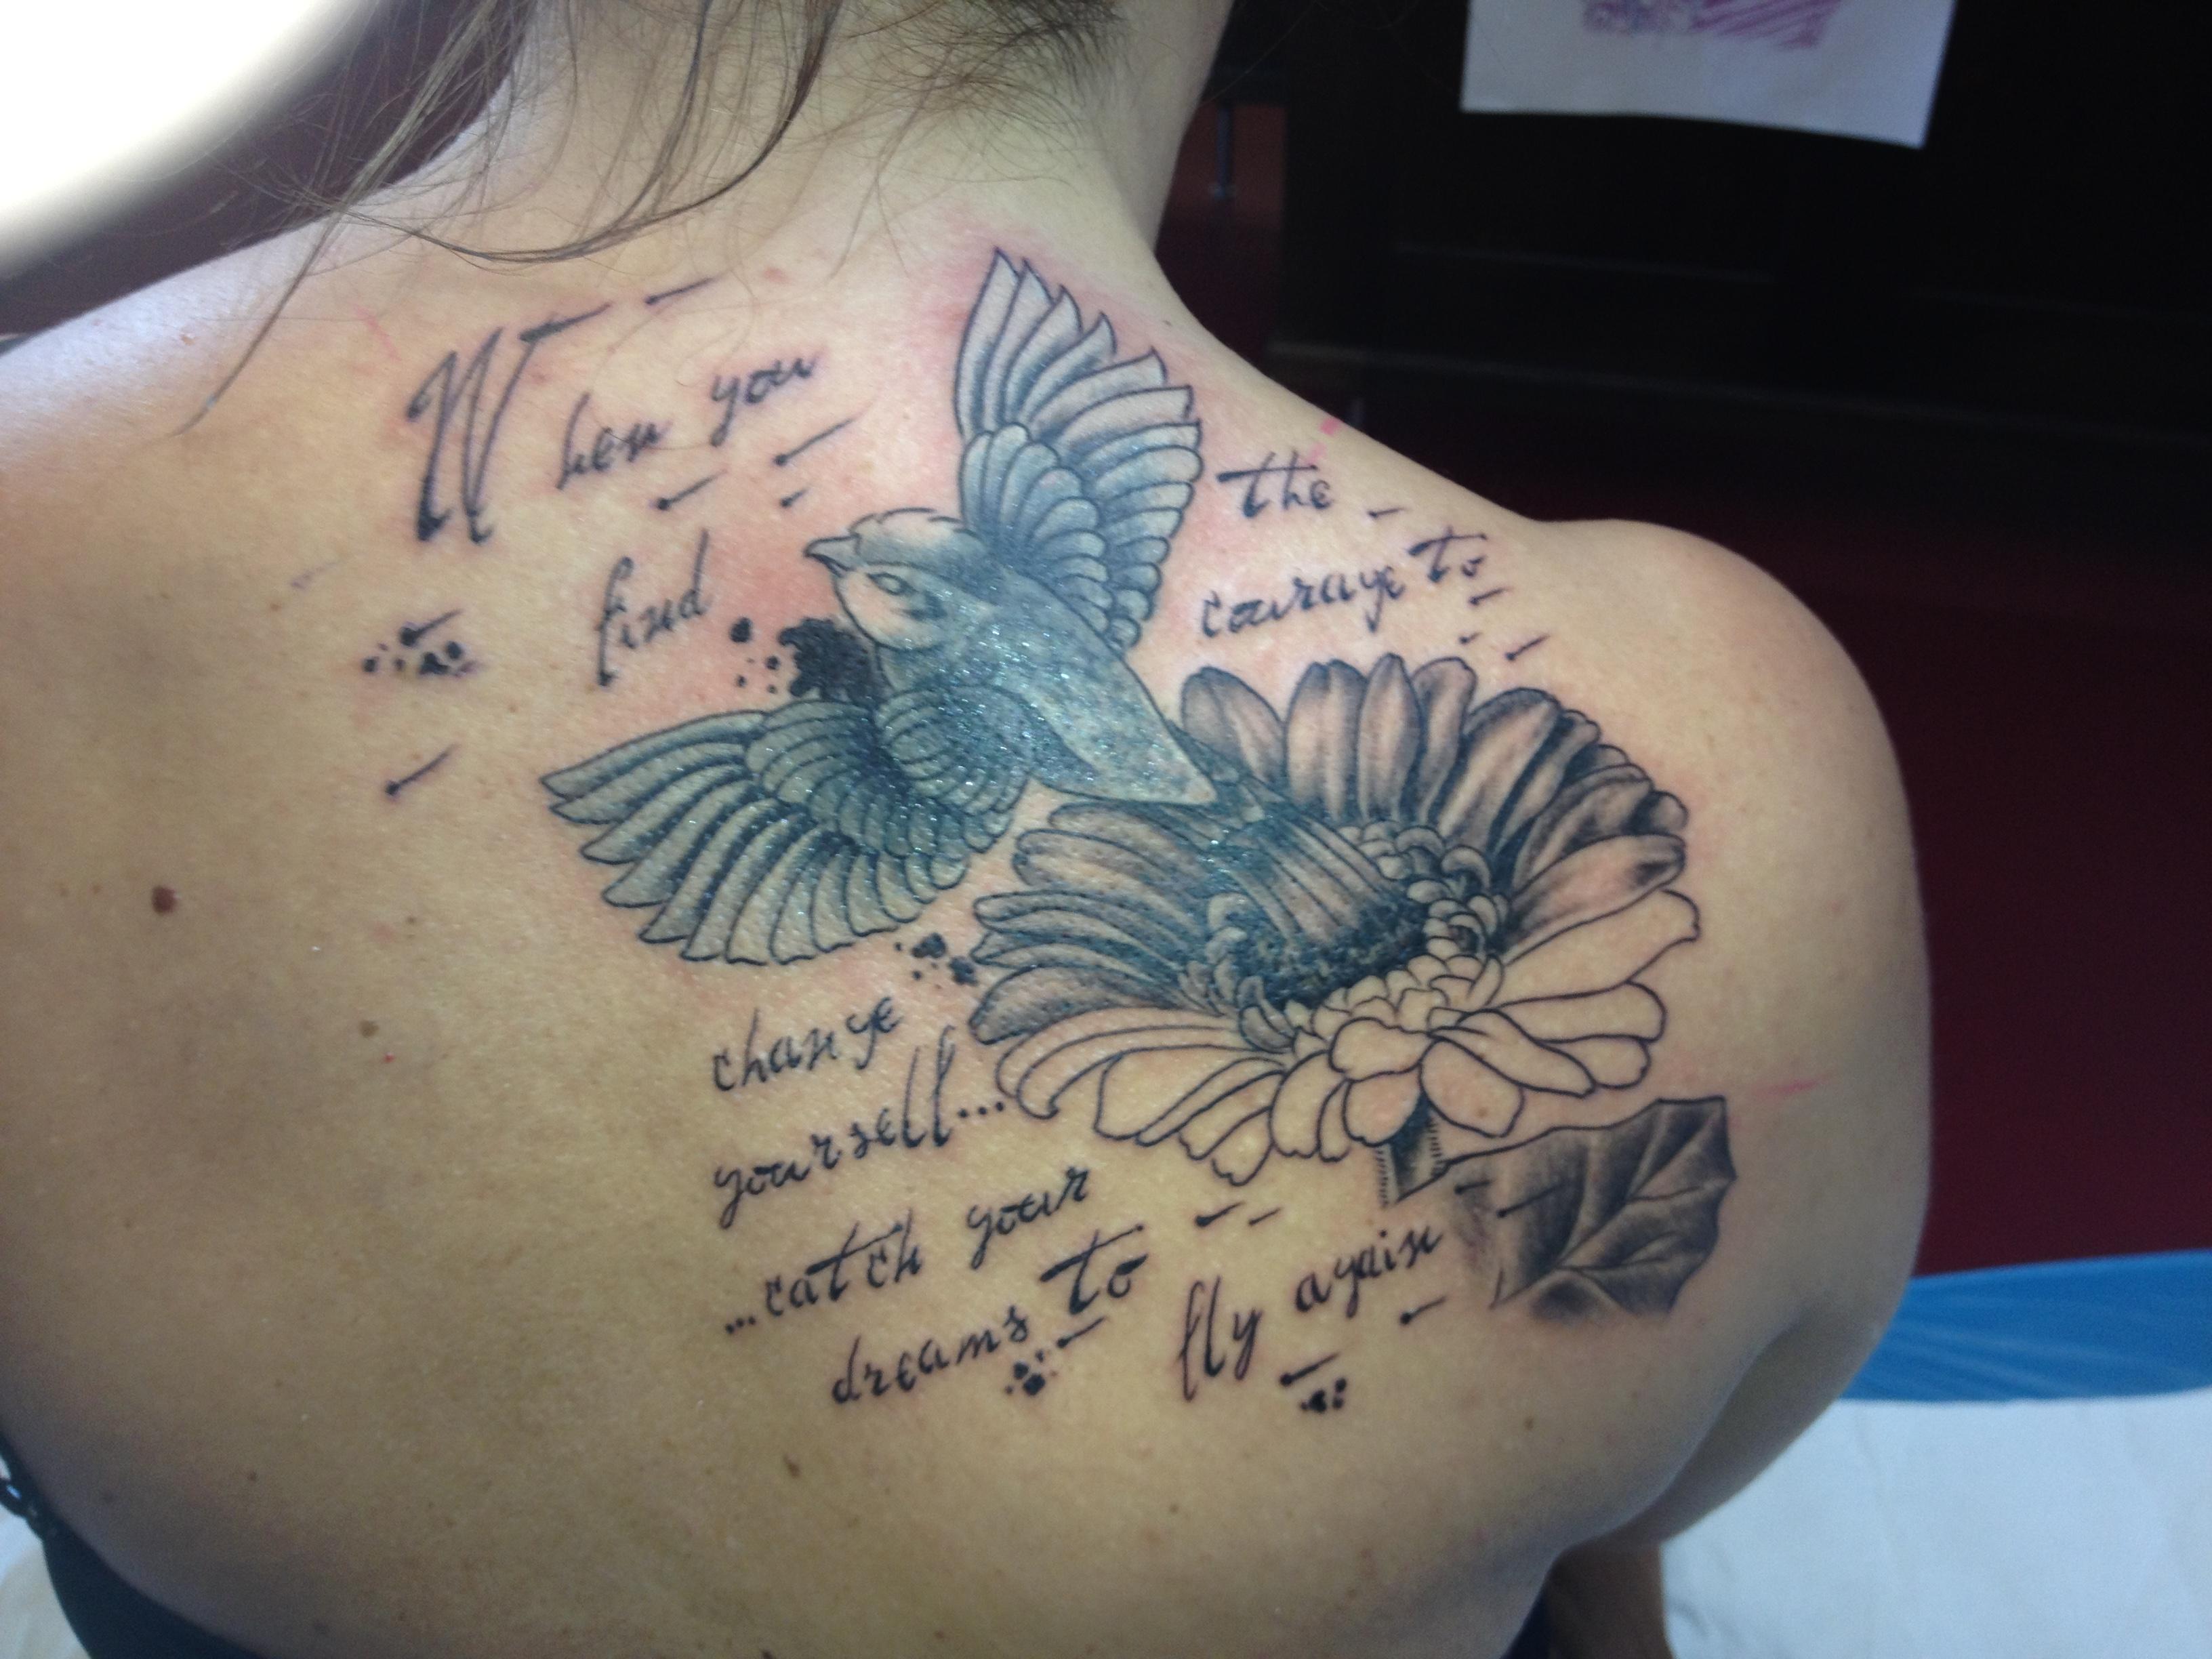 Stealdream Cover Up Gerbera Vogel Spruch Tattoos Von Tattoo